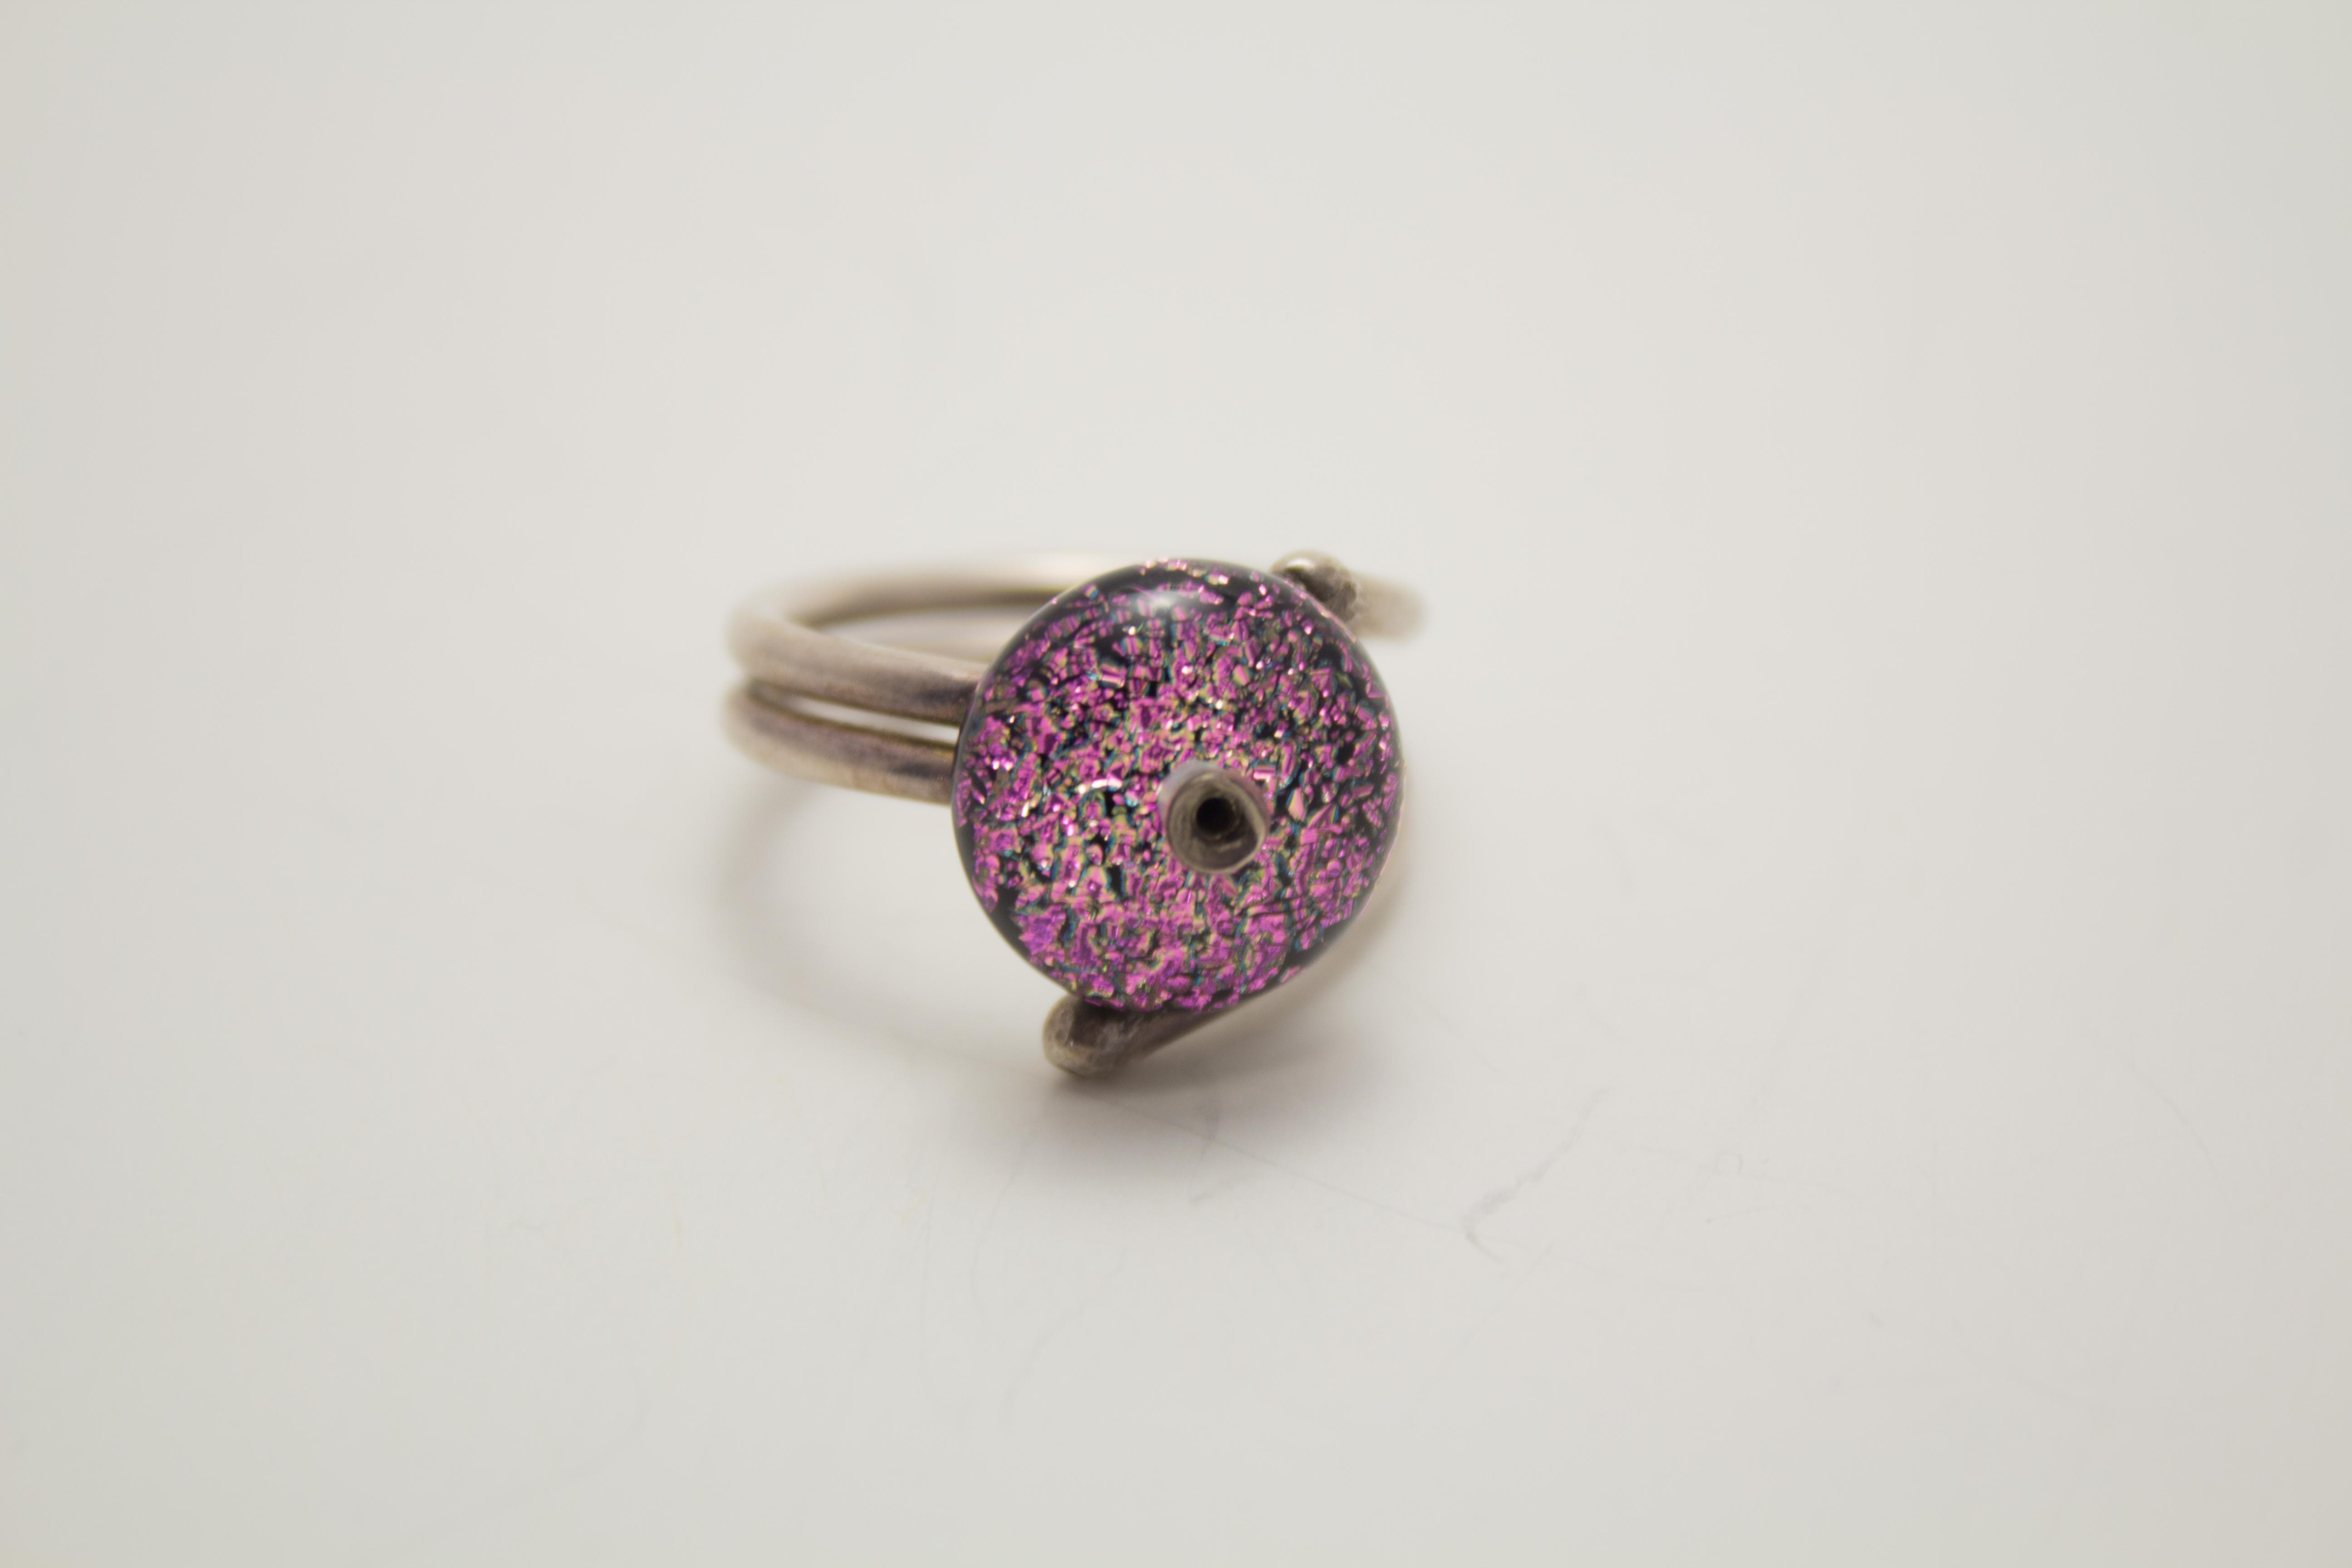 Pinkring1